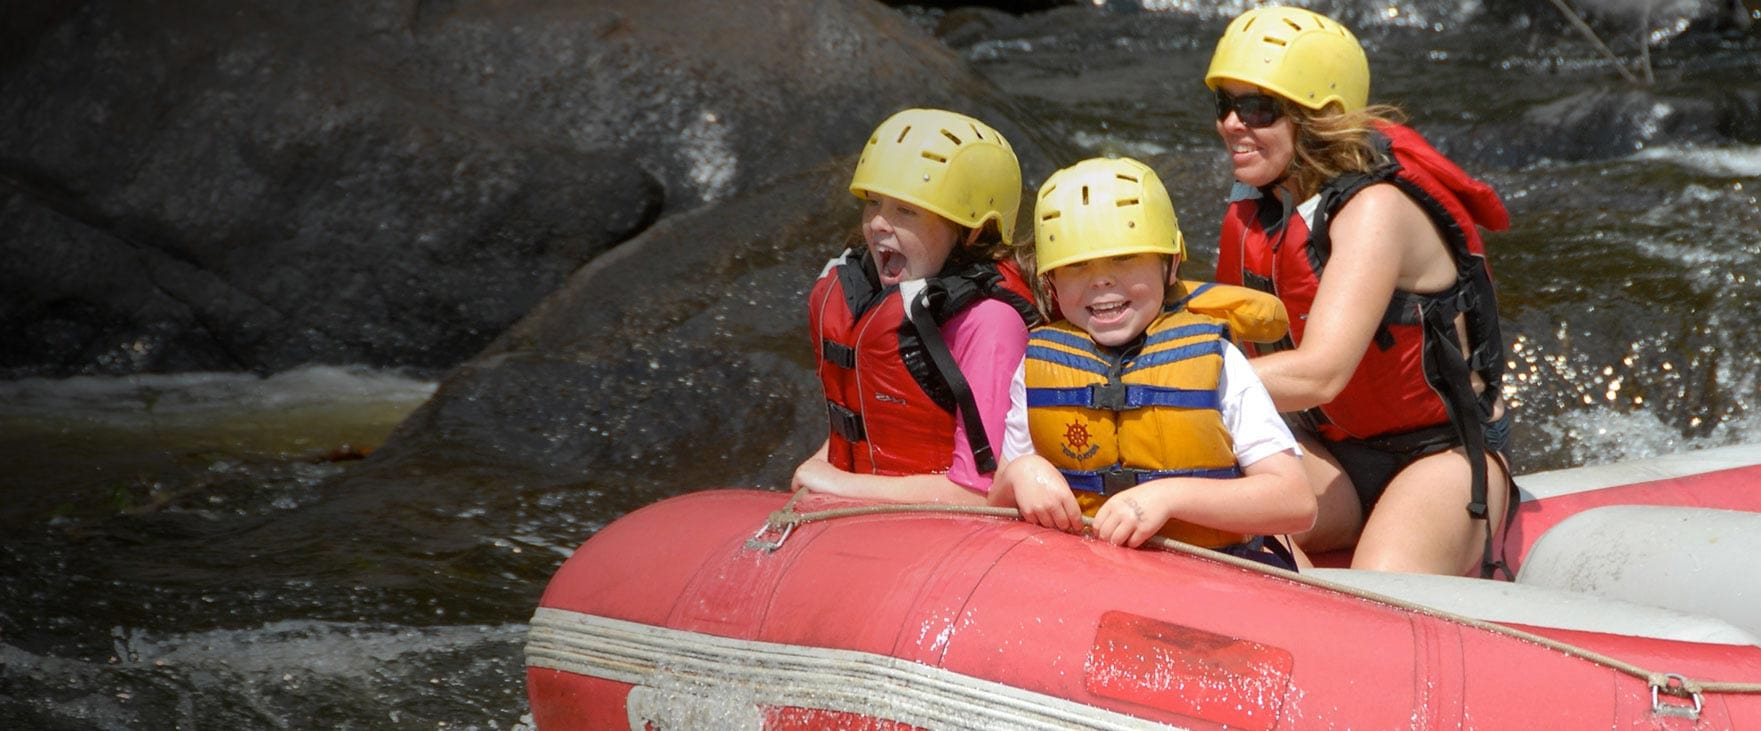 Une expérience familiale accessible !   Rafting Nouveau Monde   Rafting en eau vive sur la rivière Rouge